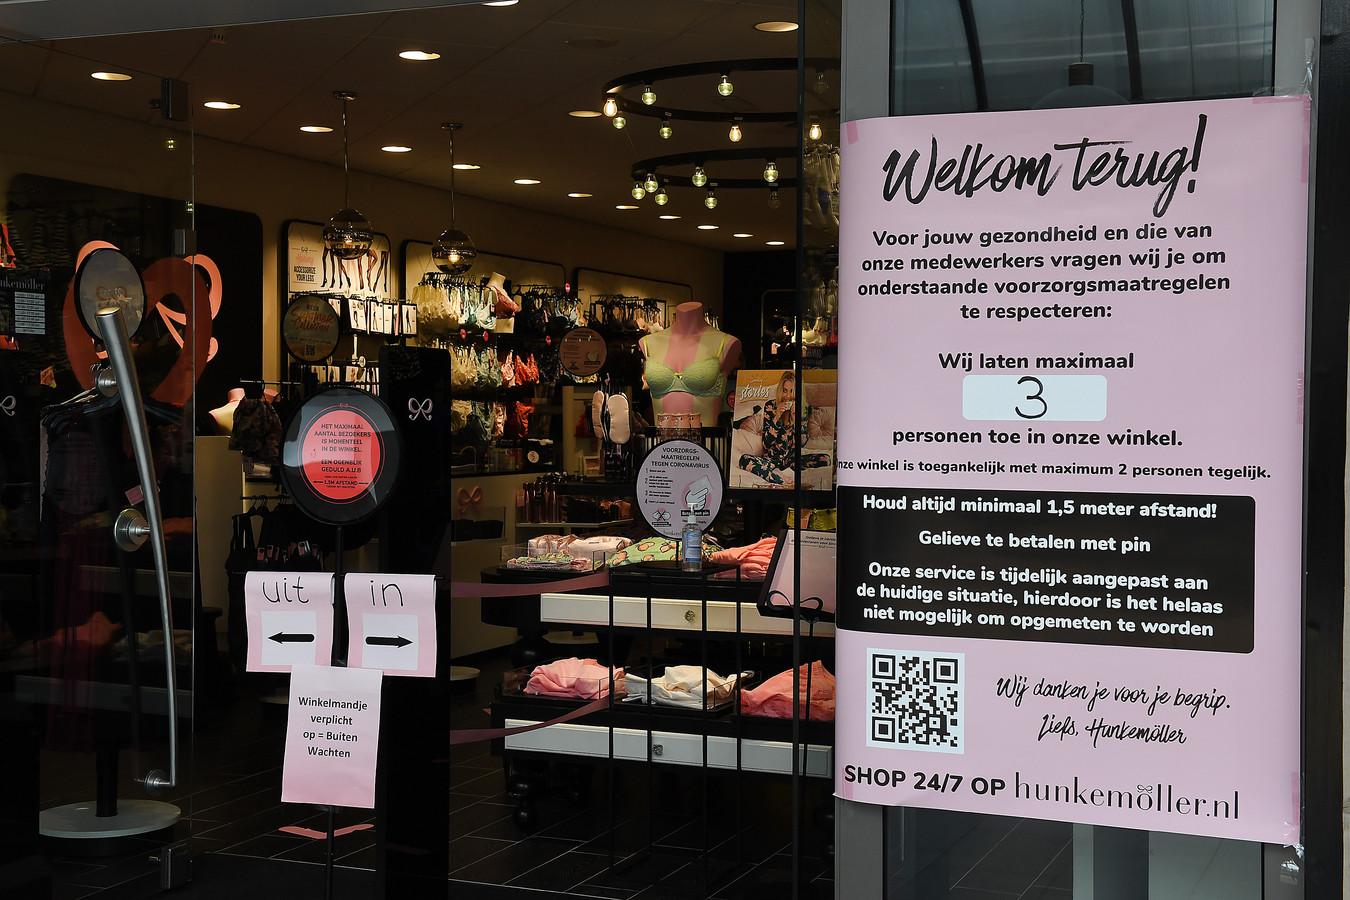 1,5 meter afstand houden, ook in deze winkel in Boxmeer.